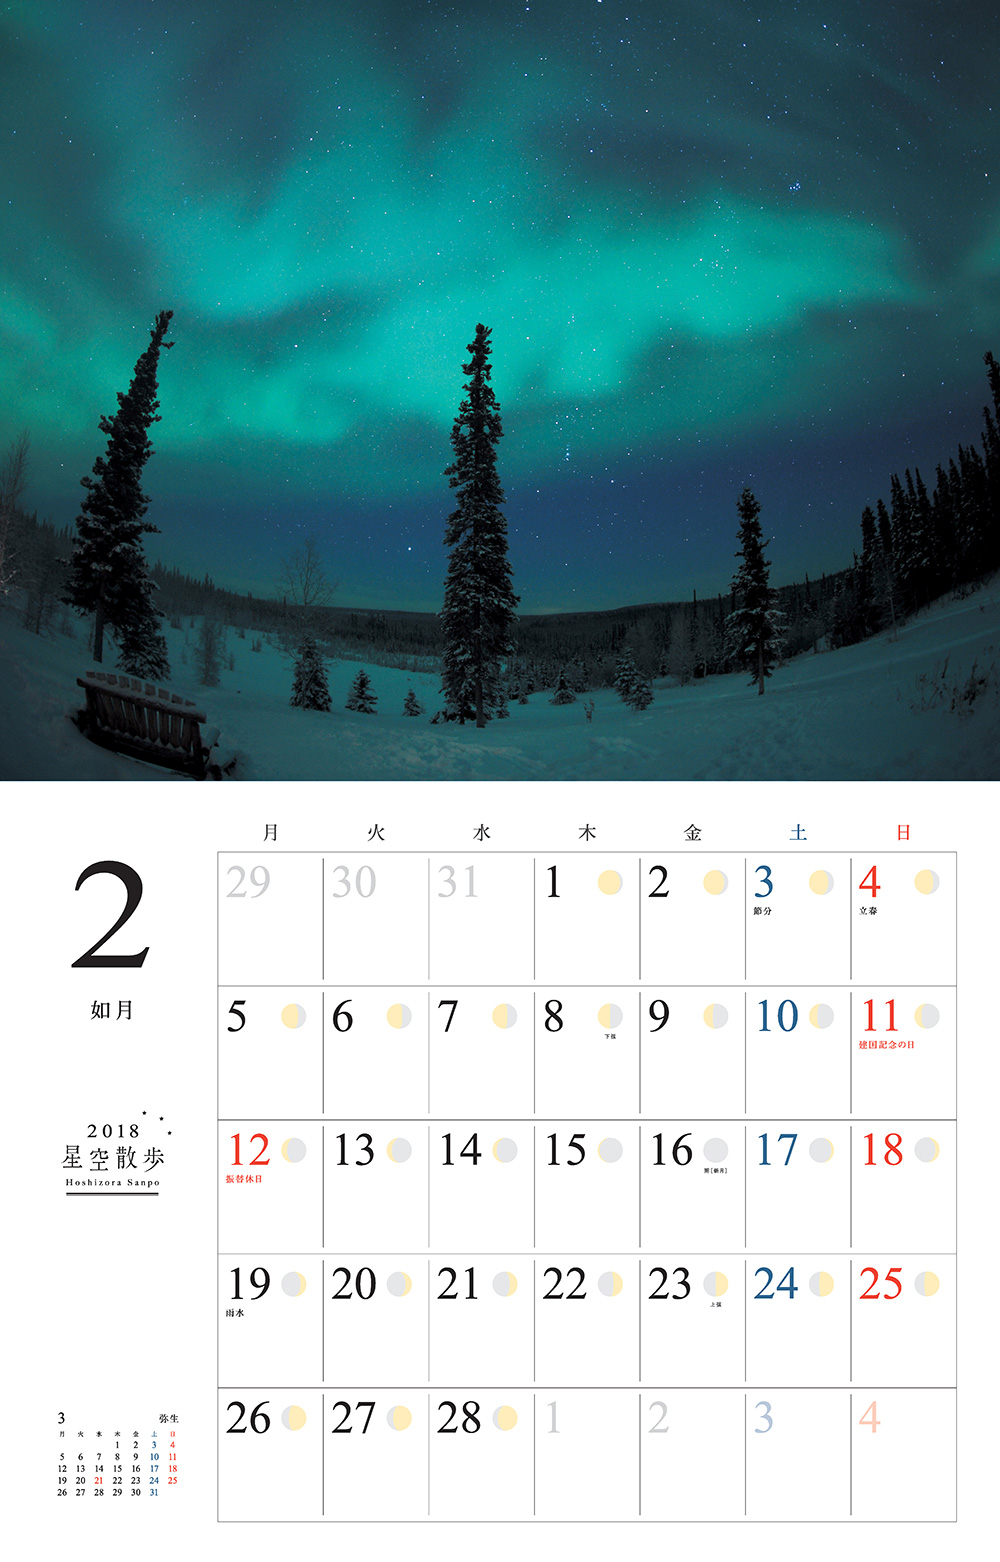 カレンダー2018 星空散歩